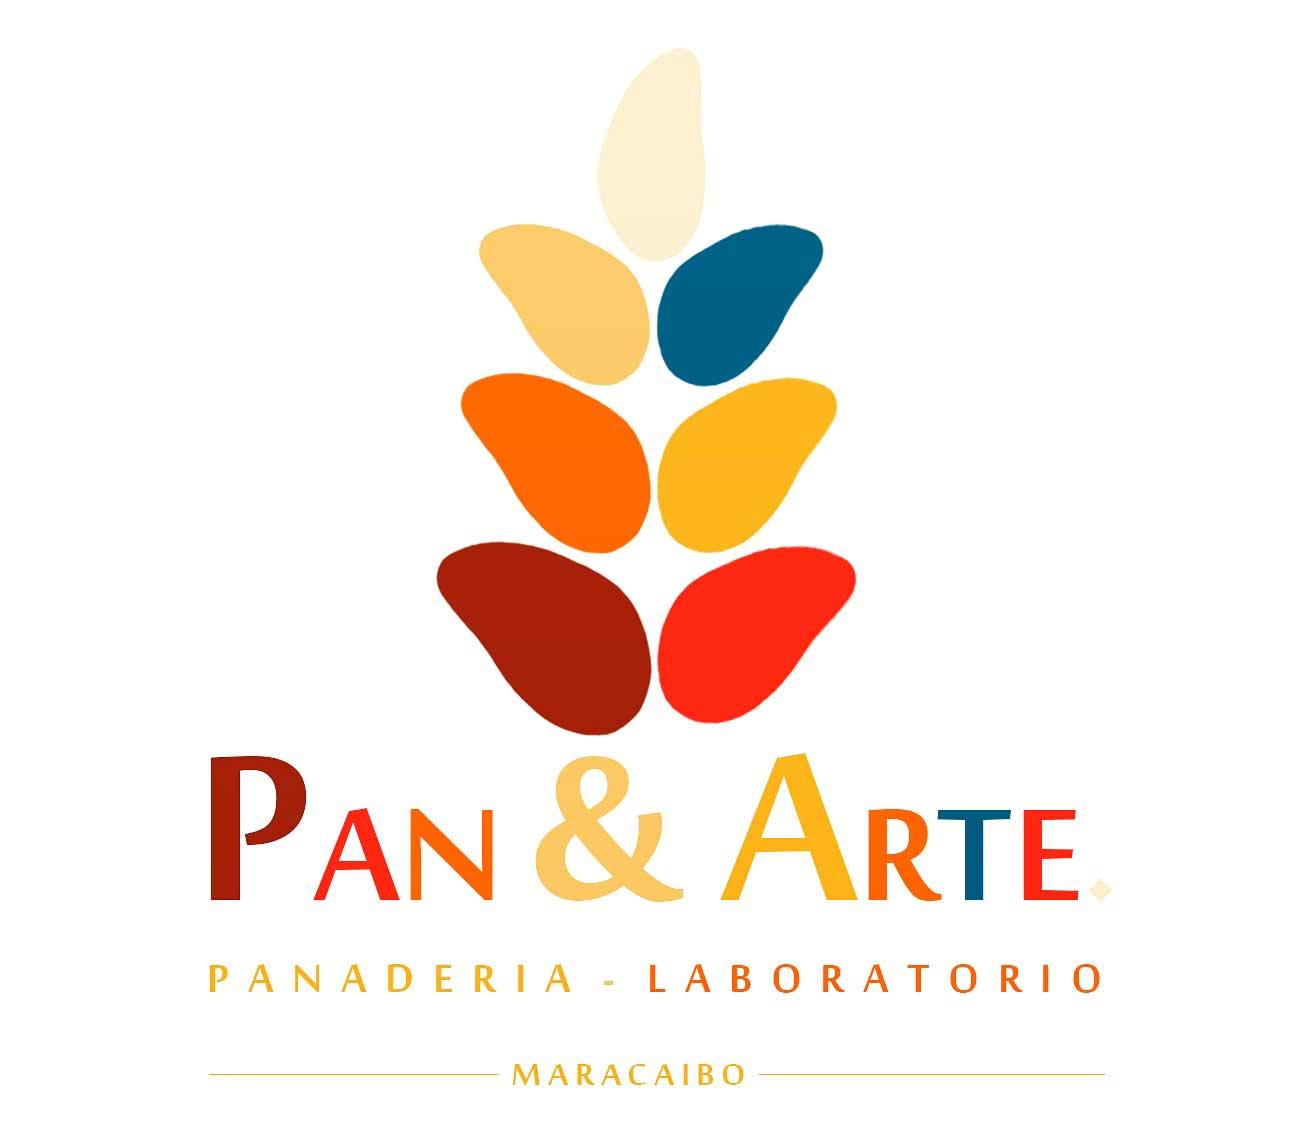 La Fábrica de Pan y Arte